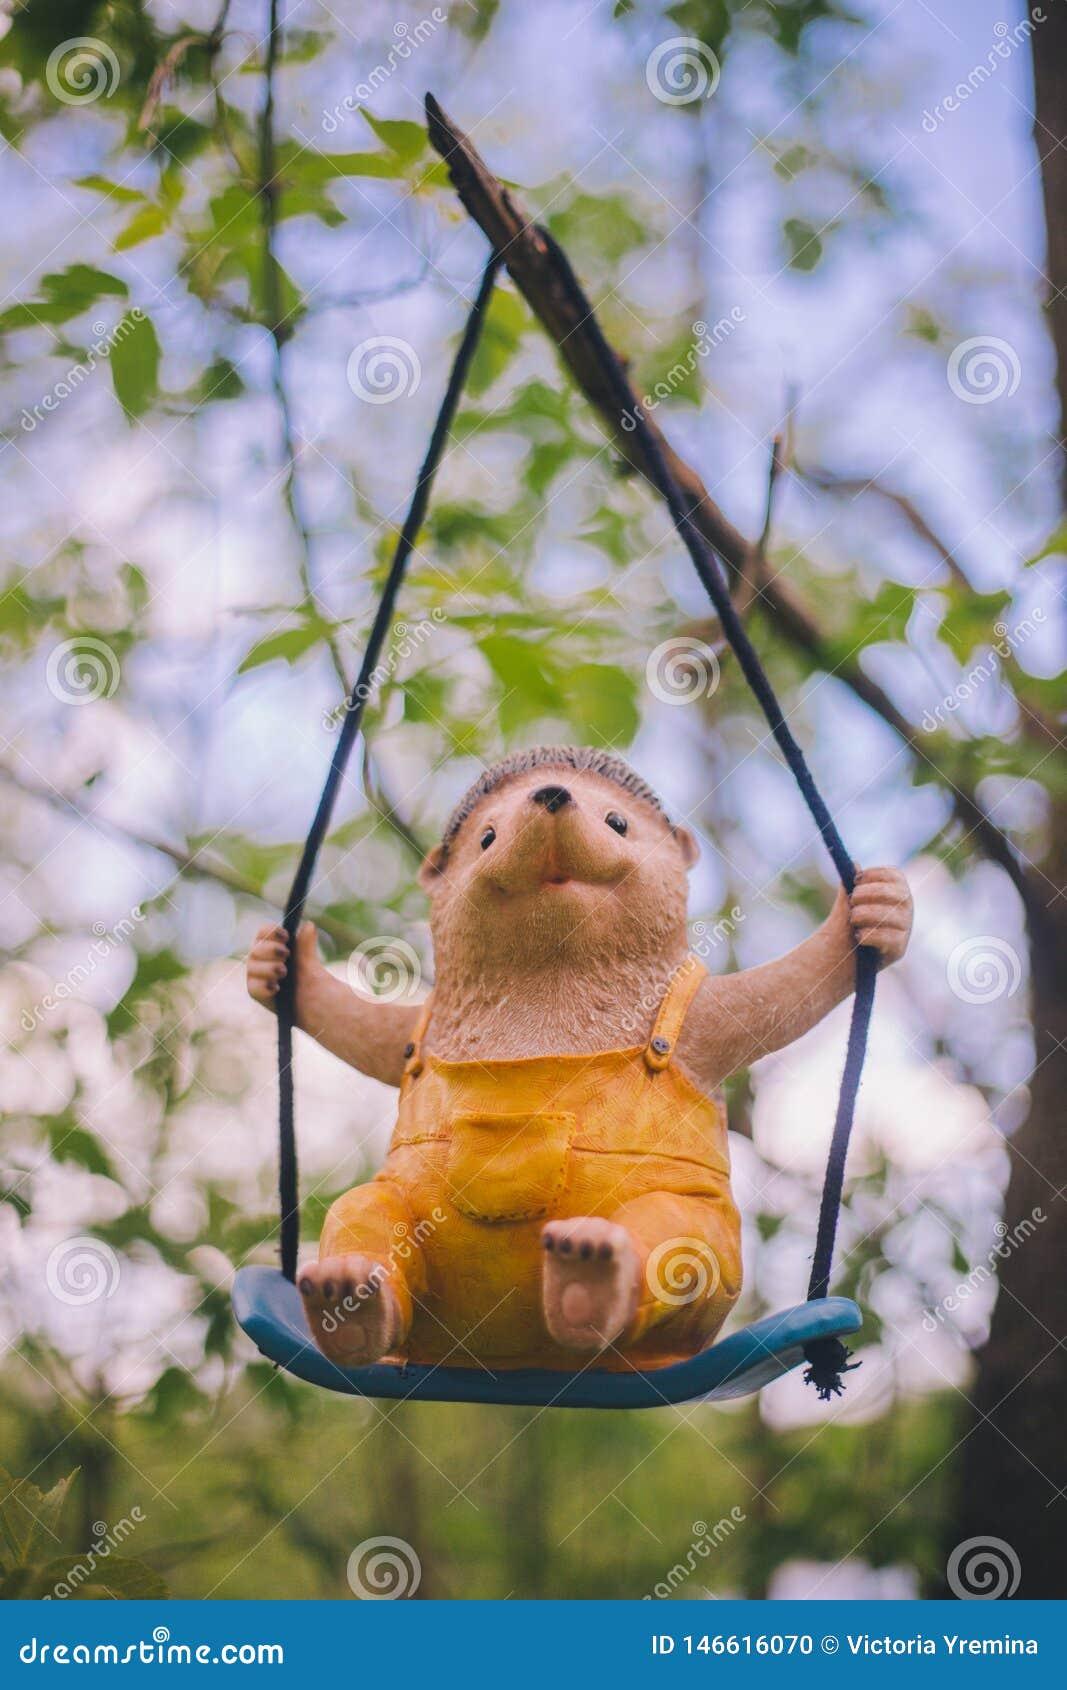 Decora??o da estatueta do jardim do close-up - um ouri?o alegre na roupa amarela que se senta em um balan?o - que pendura em um r